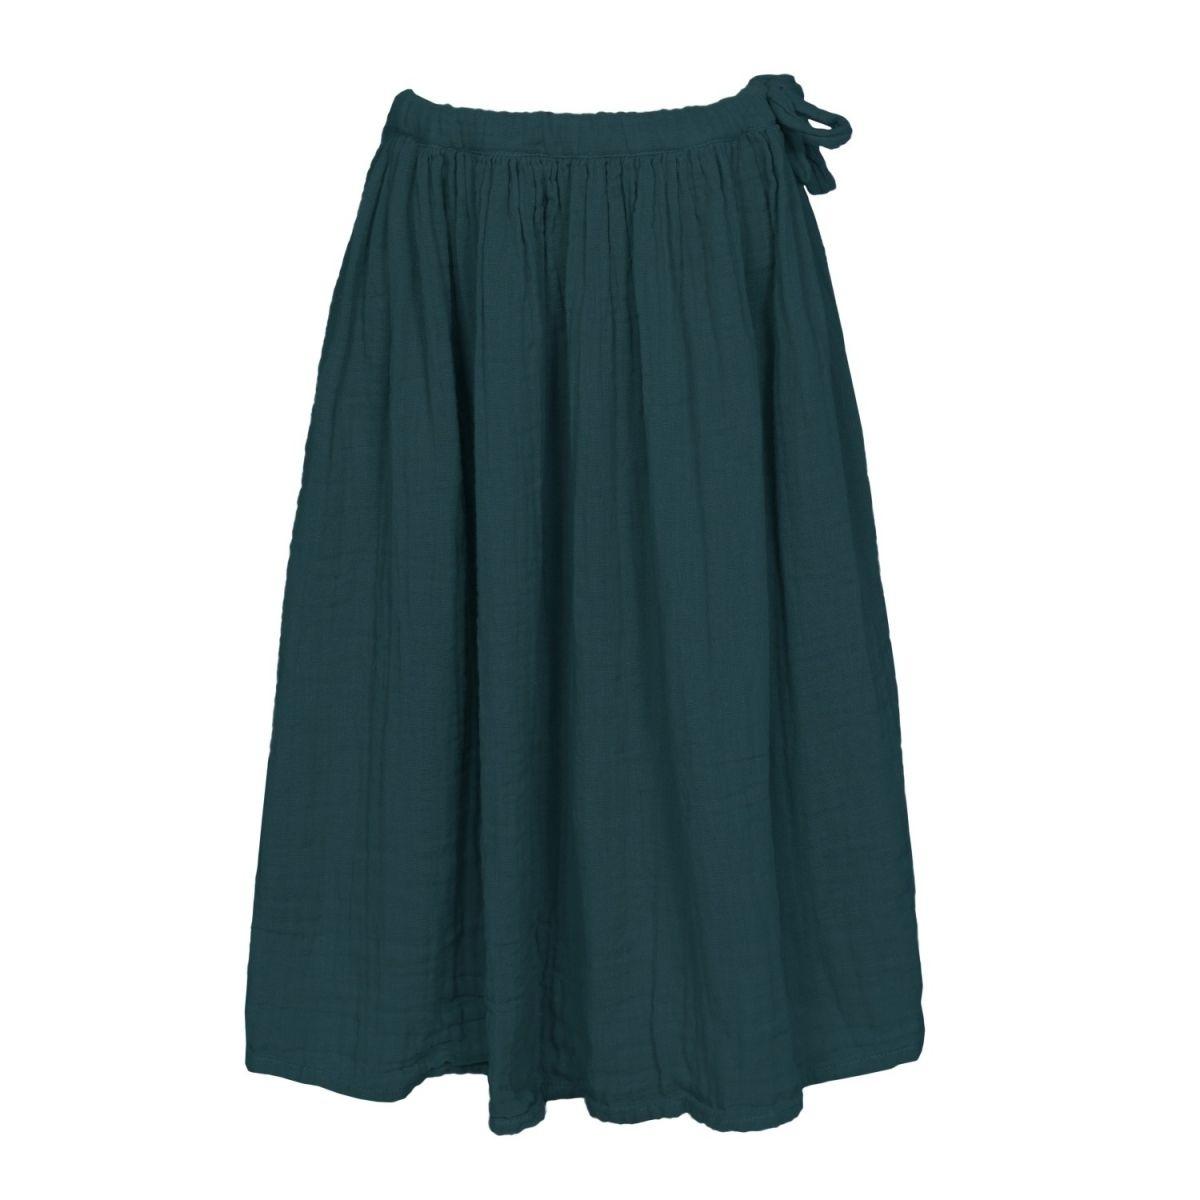 Spódnica dla dziewczynek Ava długa ciemna morska